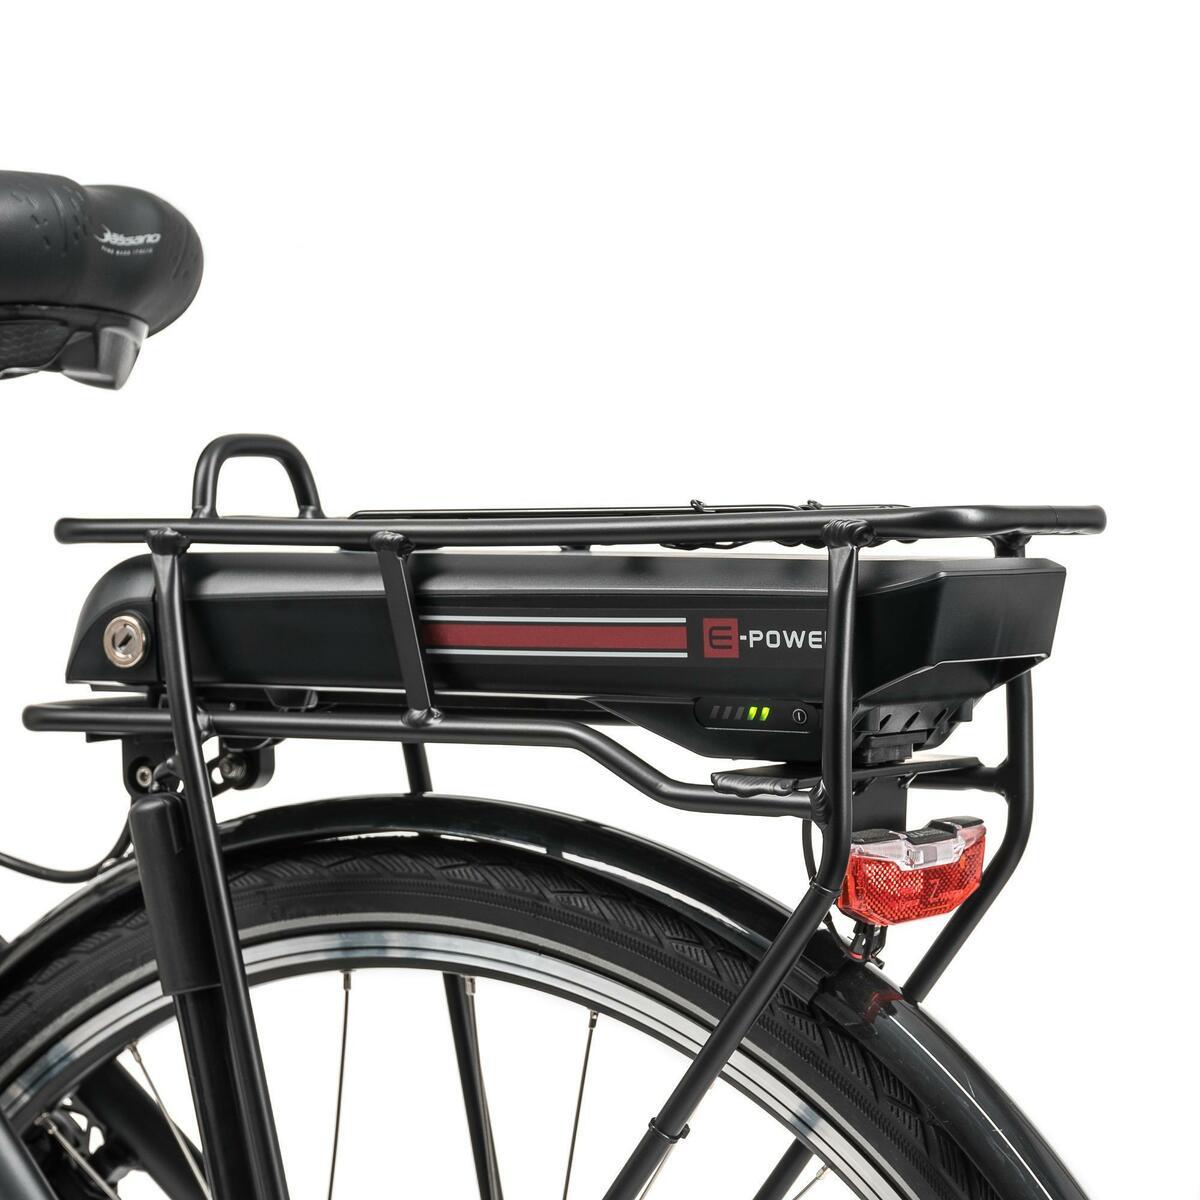 Bild 3 von E-Bike 28 Riverside City Nexus 8 Active Plus 400 Wh Rücktritt anthtrazit